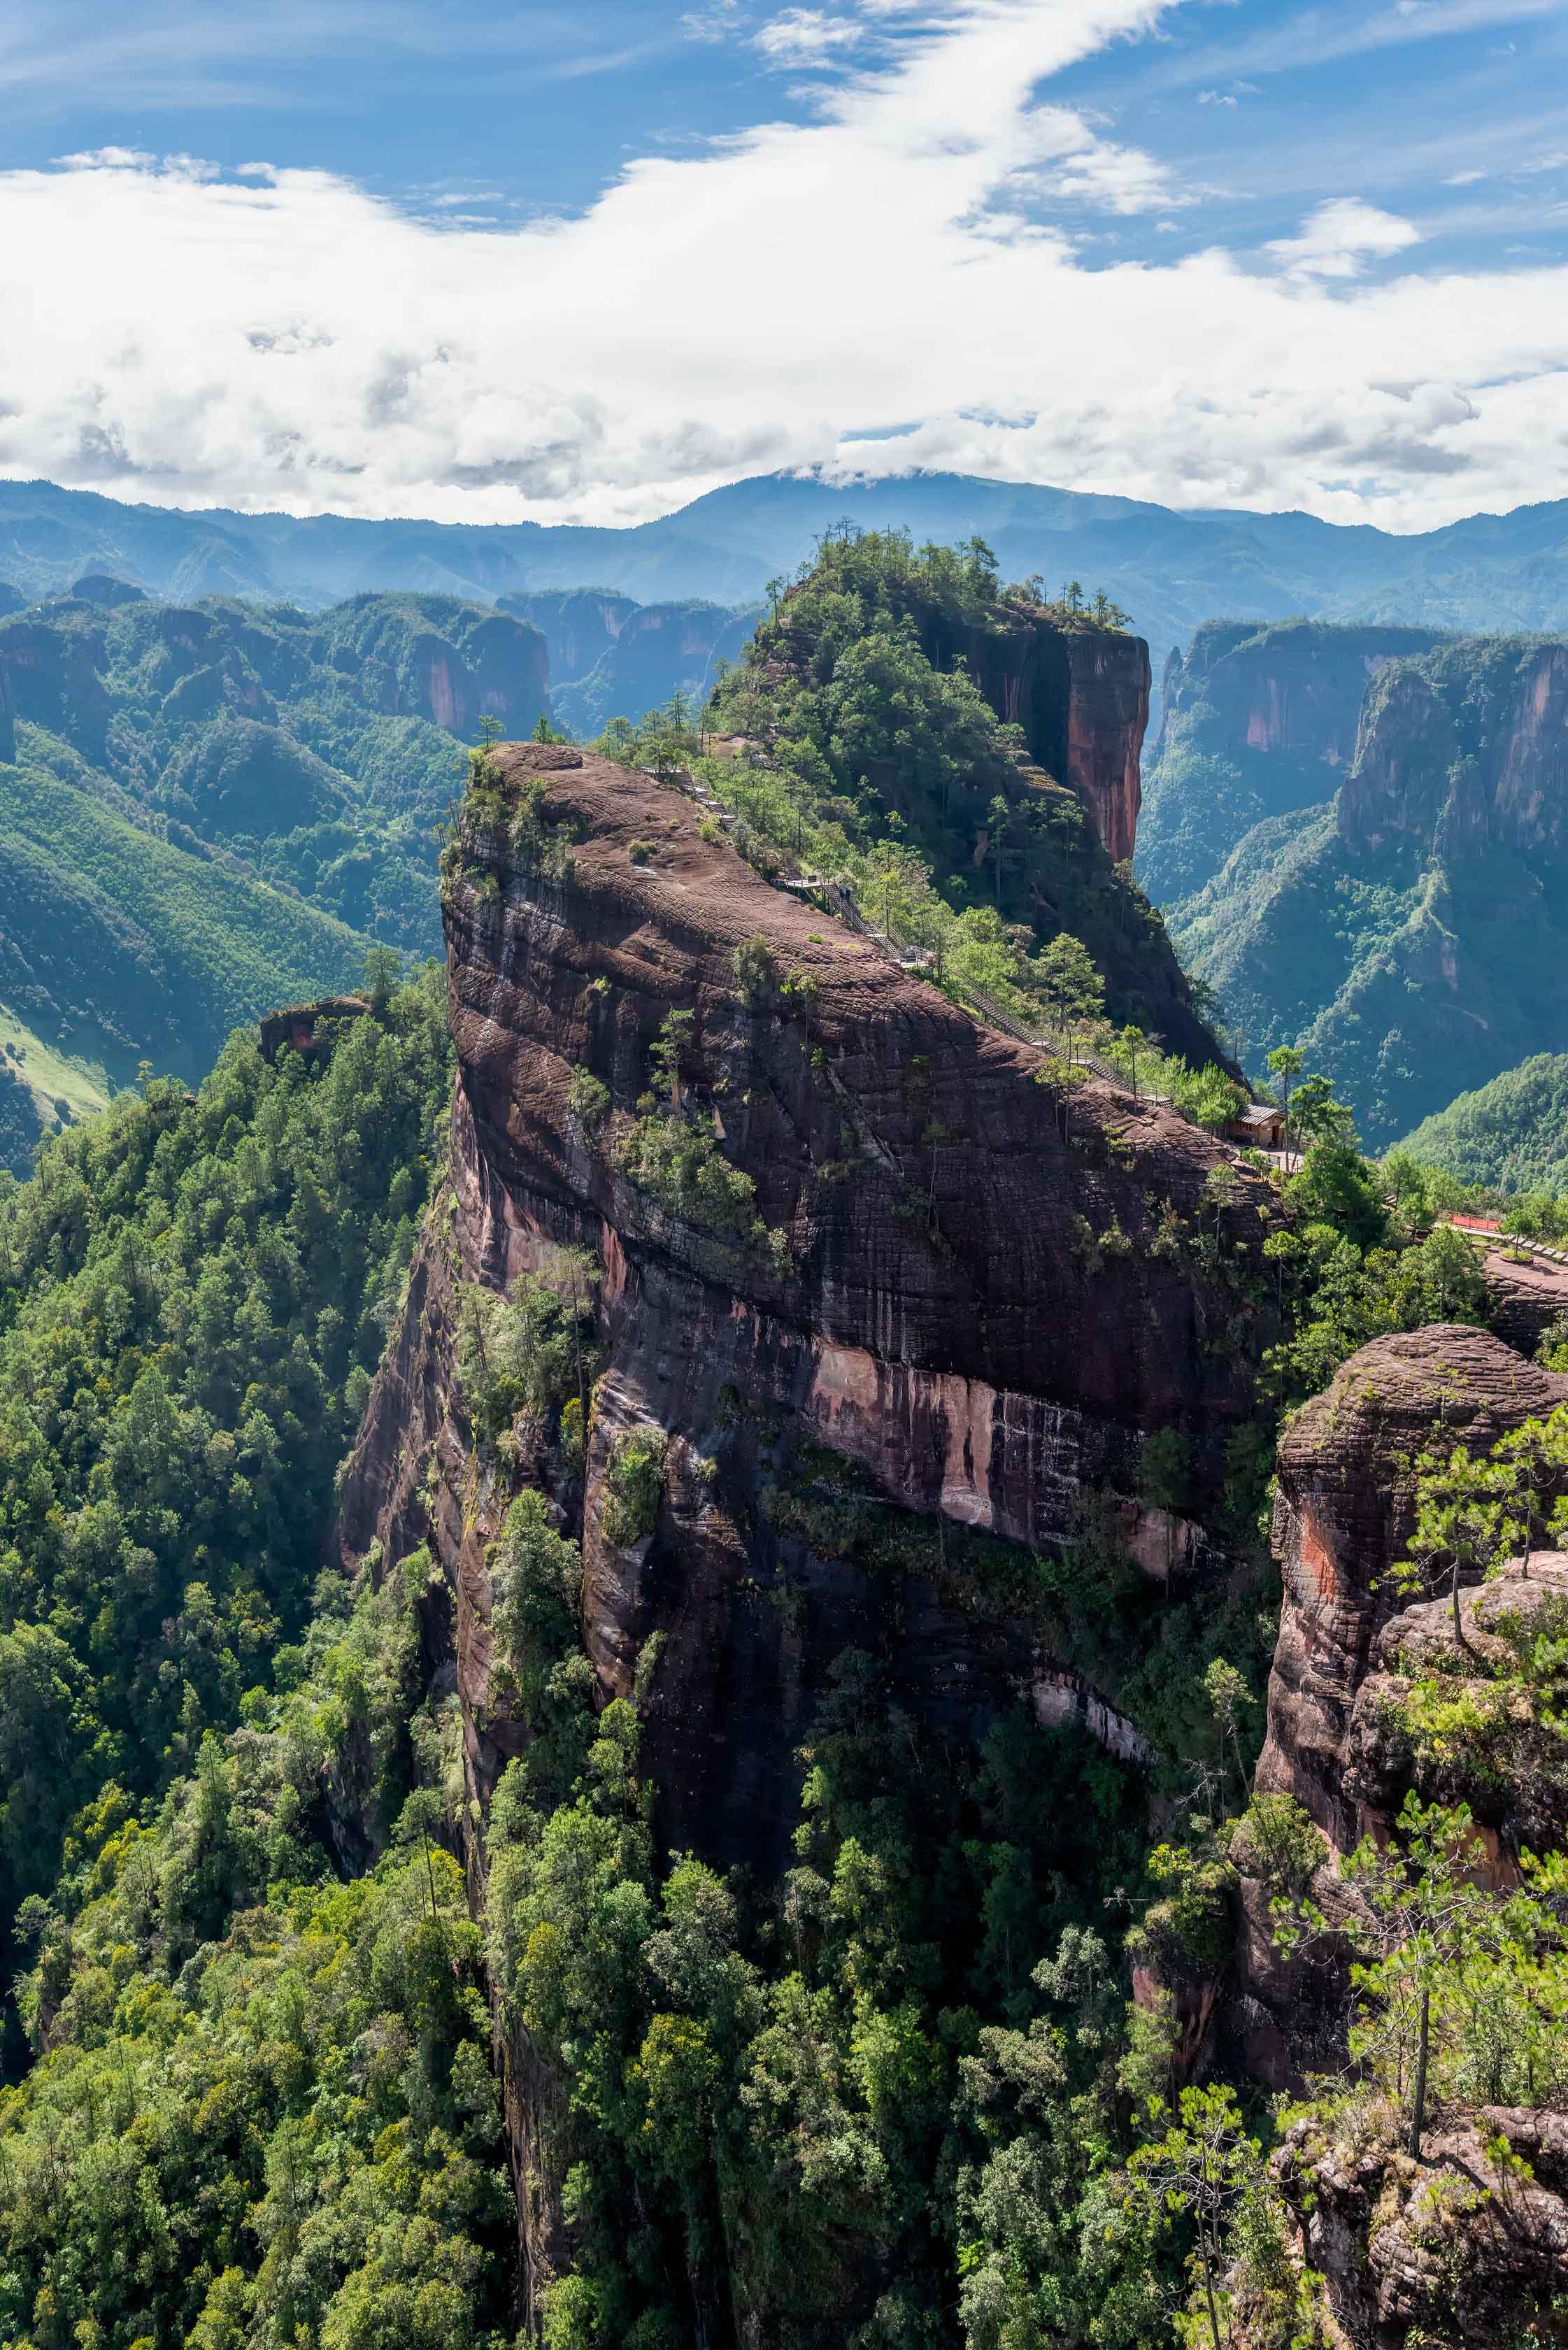 97962 descargar fondo de pantalla Naturaleza, Montaña, Vértice, Arriba, Roca, Árboles, Nubes, Paisaje: protectores de pantalla e imágenes gratis